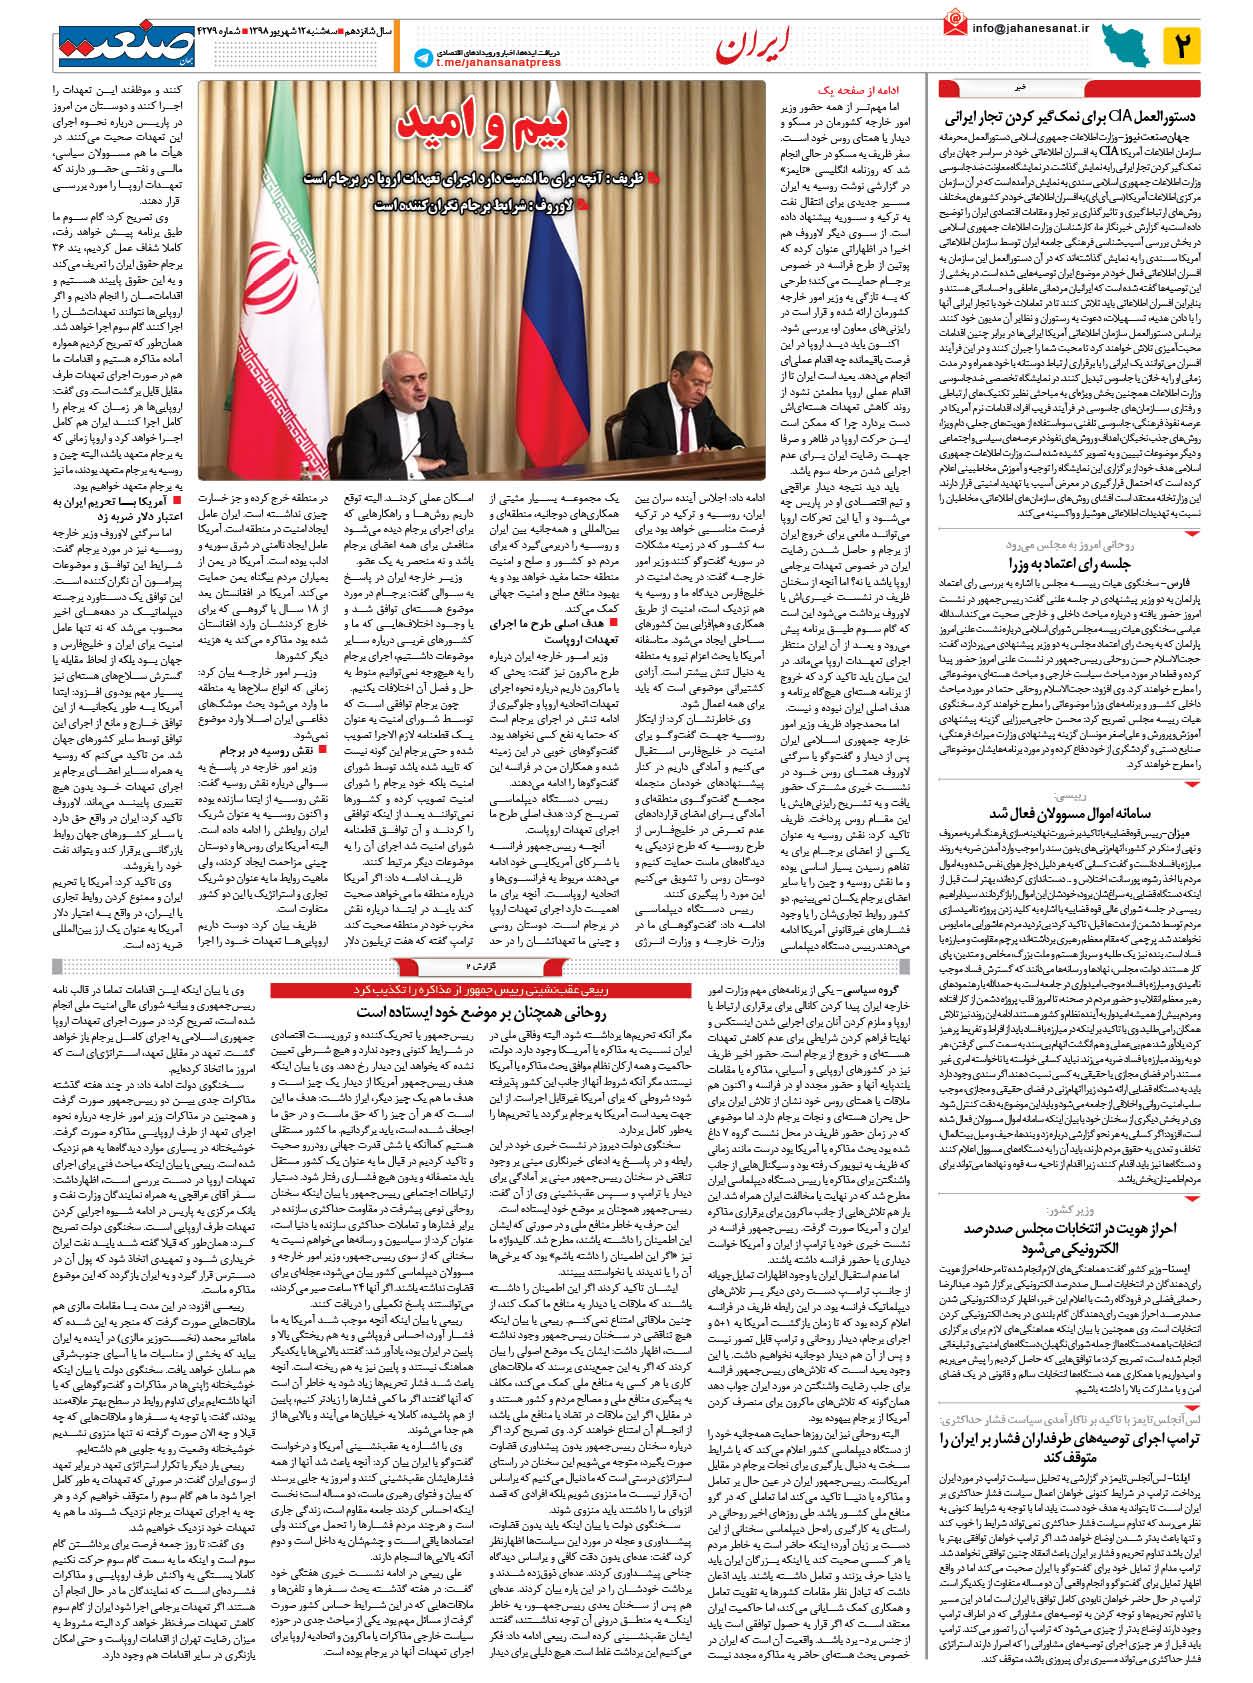 صفحه ۰۲ – ۱۲ شهریور ۱۳۹۸